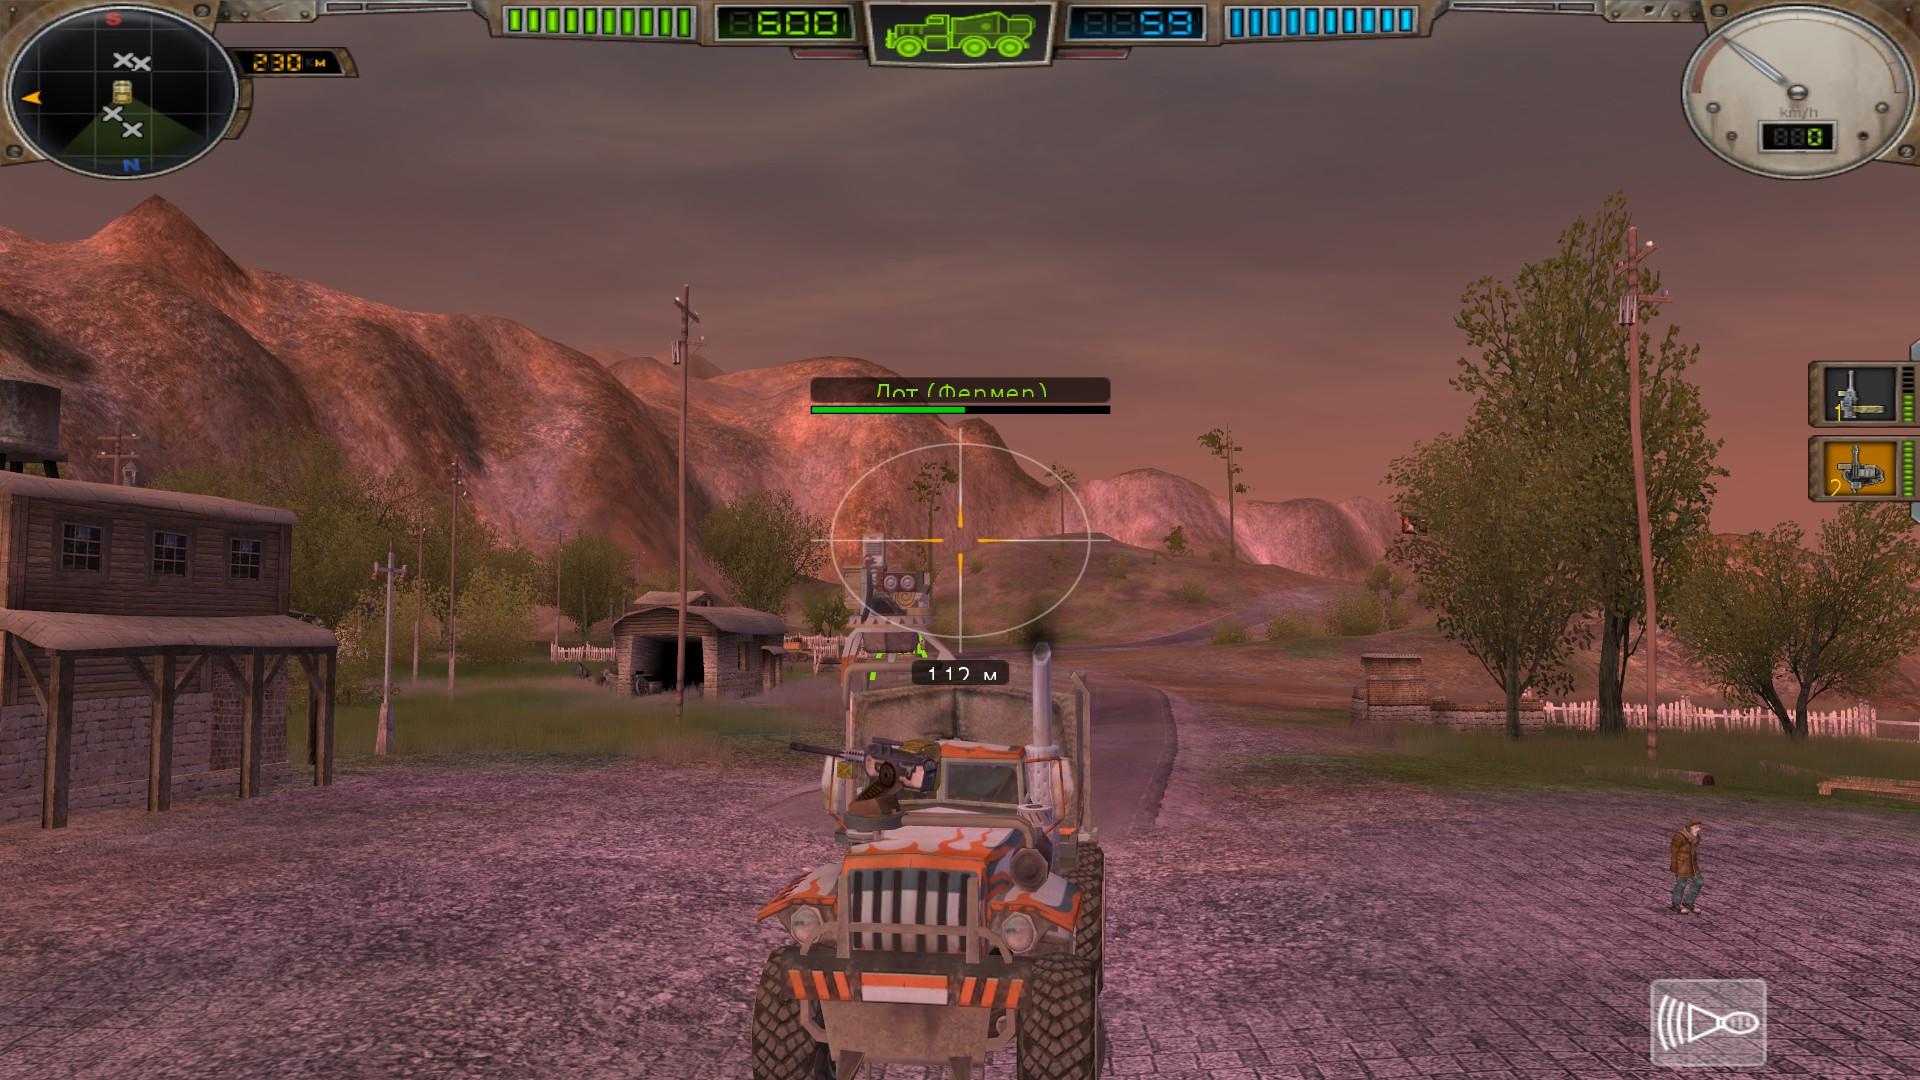 Hard Truck Apocalypse: Arcade / Ex Machina: Arcade screenshot